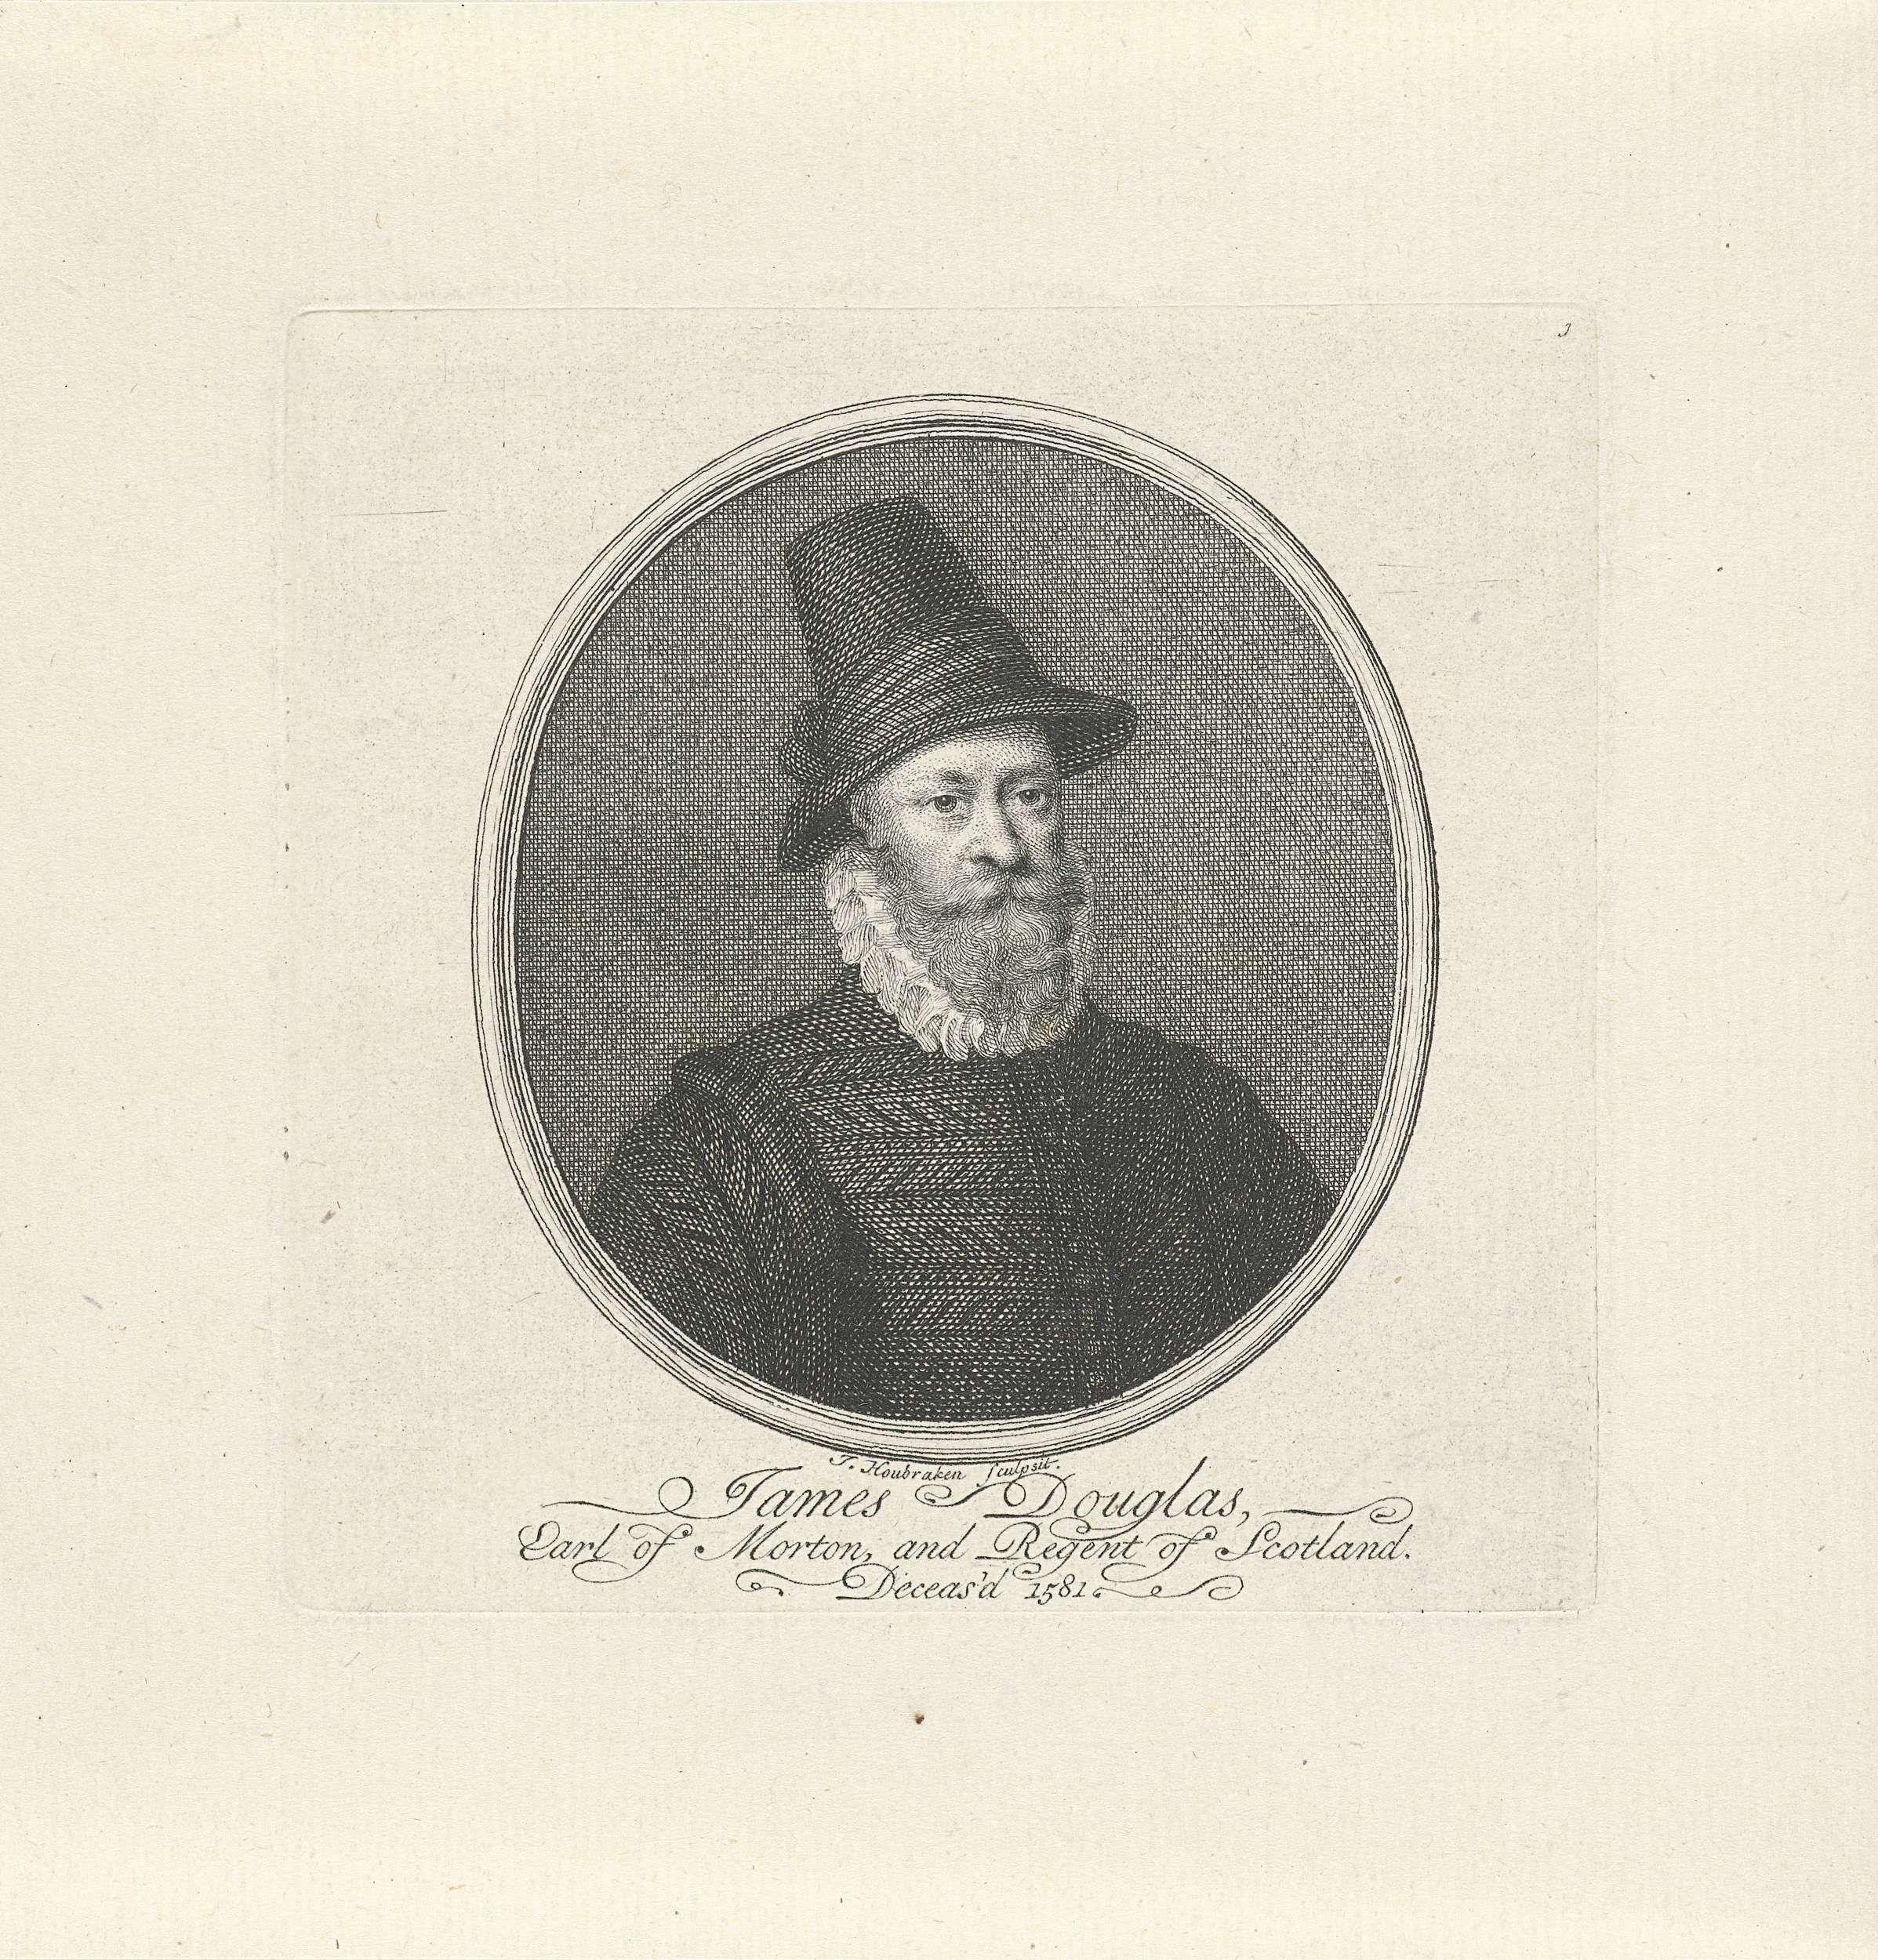 Jacob Houbraken | Portret van James Douglas, Jacob Houbraken, 1708 - 1780 | Buste van James Douglas, 4e graaf van Morton in een ovaal. Onder het portret drie regels in het Engels.